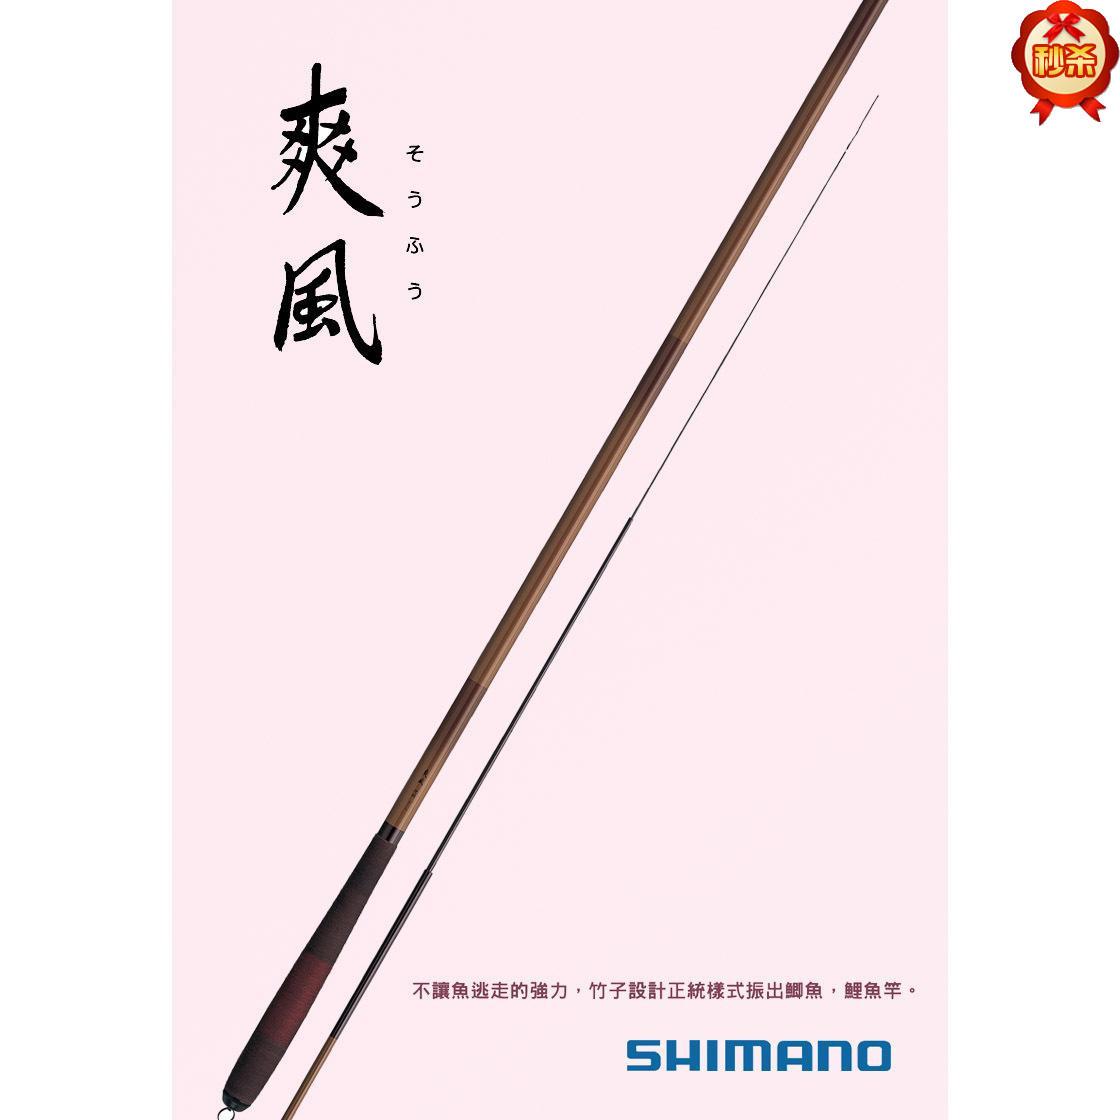 удочка SHIMANO 4.8 SHIMANO / Shimano Китай